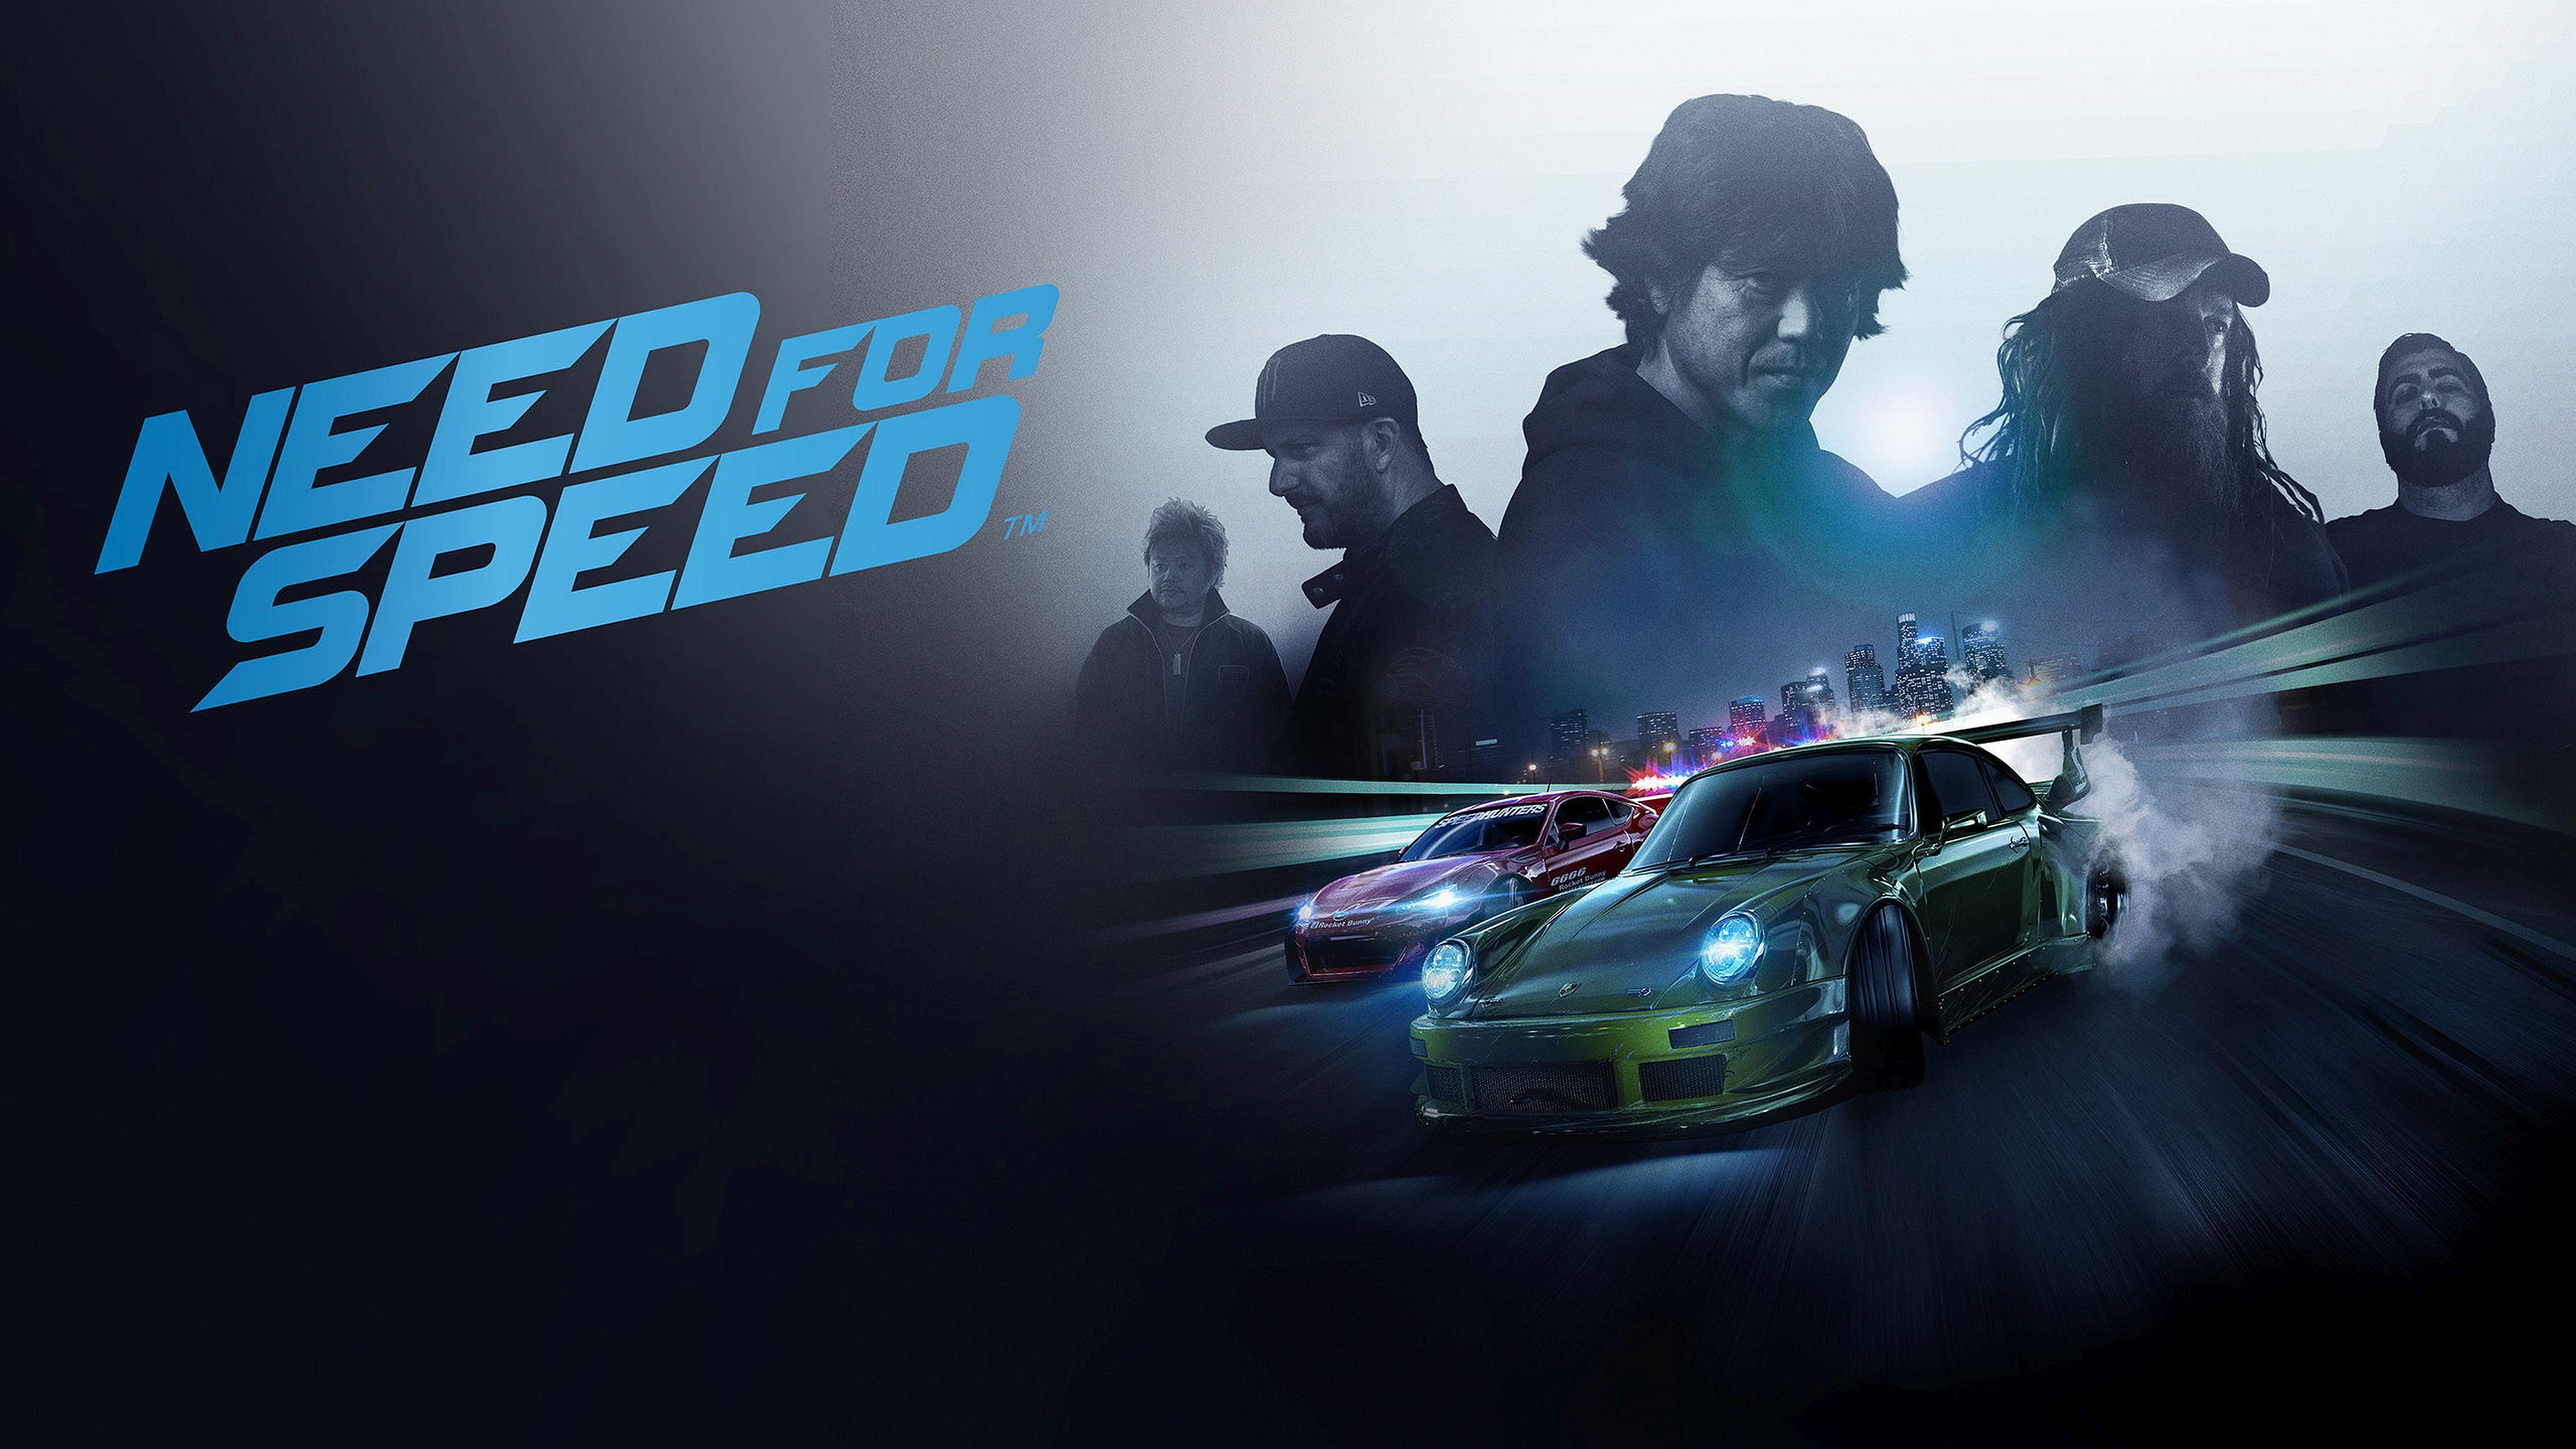 need for speed 2005 4k 1604867173 - Need For Speed 2005 4k - Need For Speed 2005 4k wallpapers